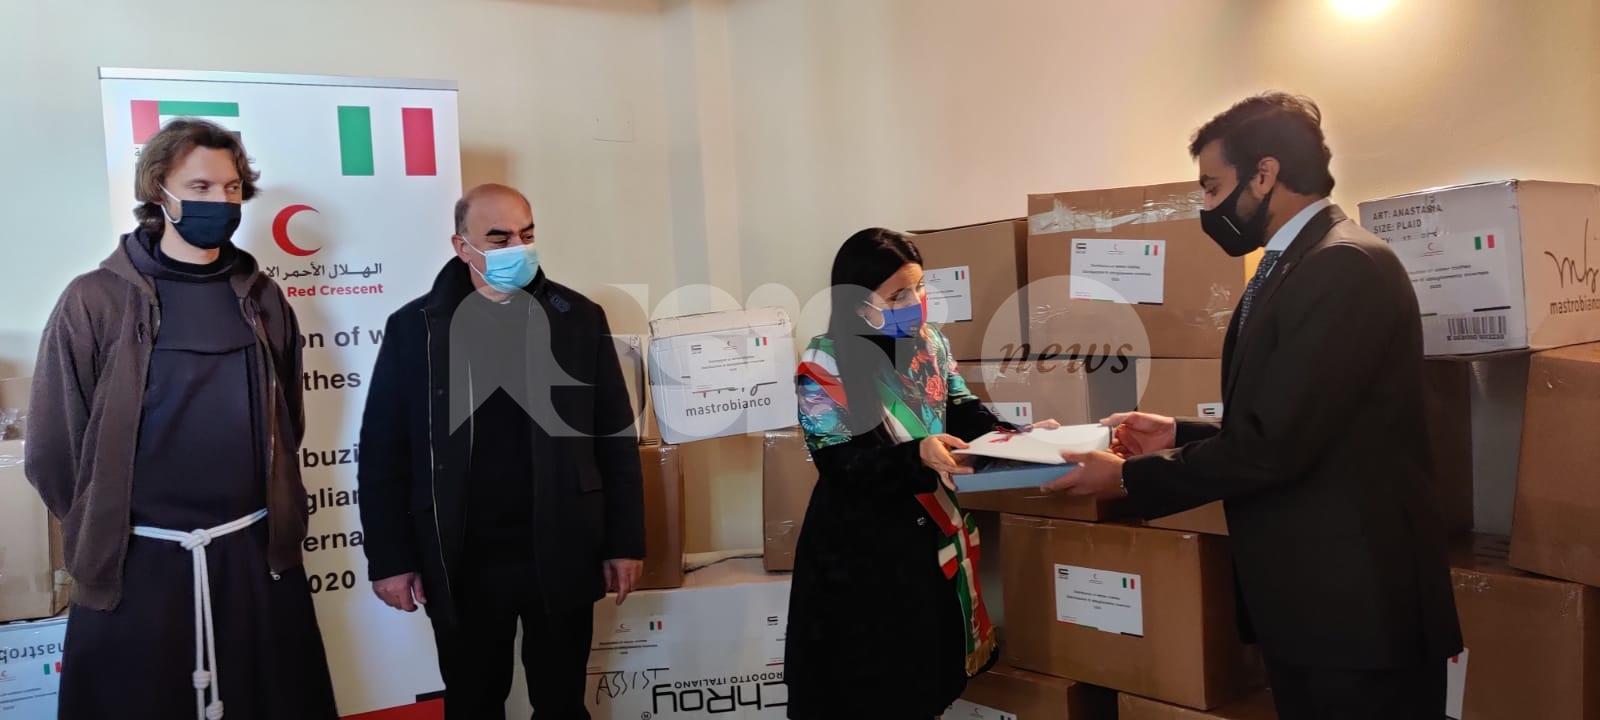 Famiglie in difficoltà, all'Emporio solidale 7 ceste la donazione degli Emirati Arabi